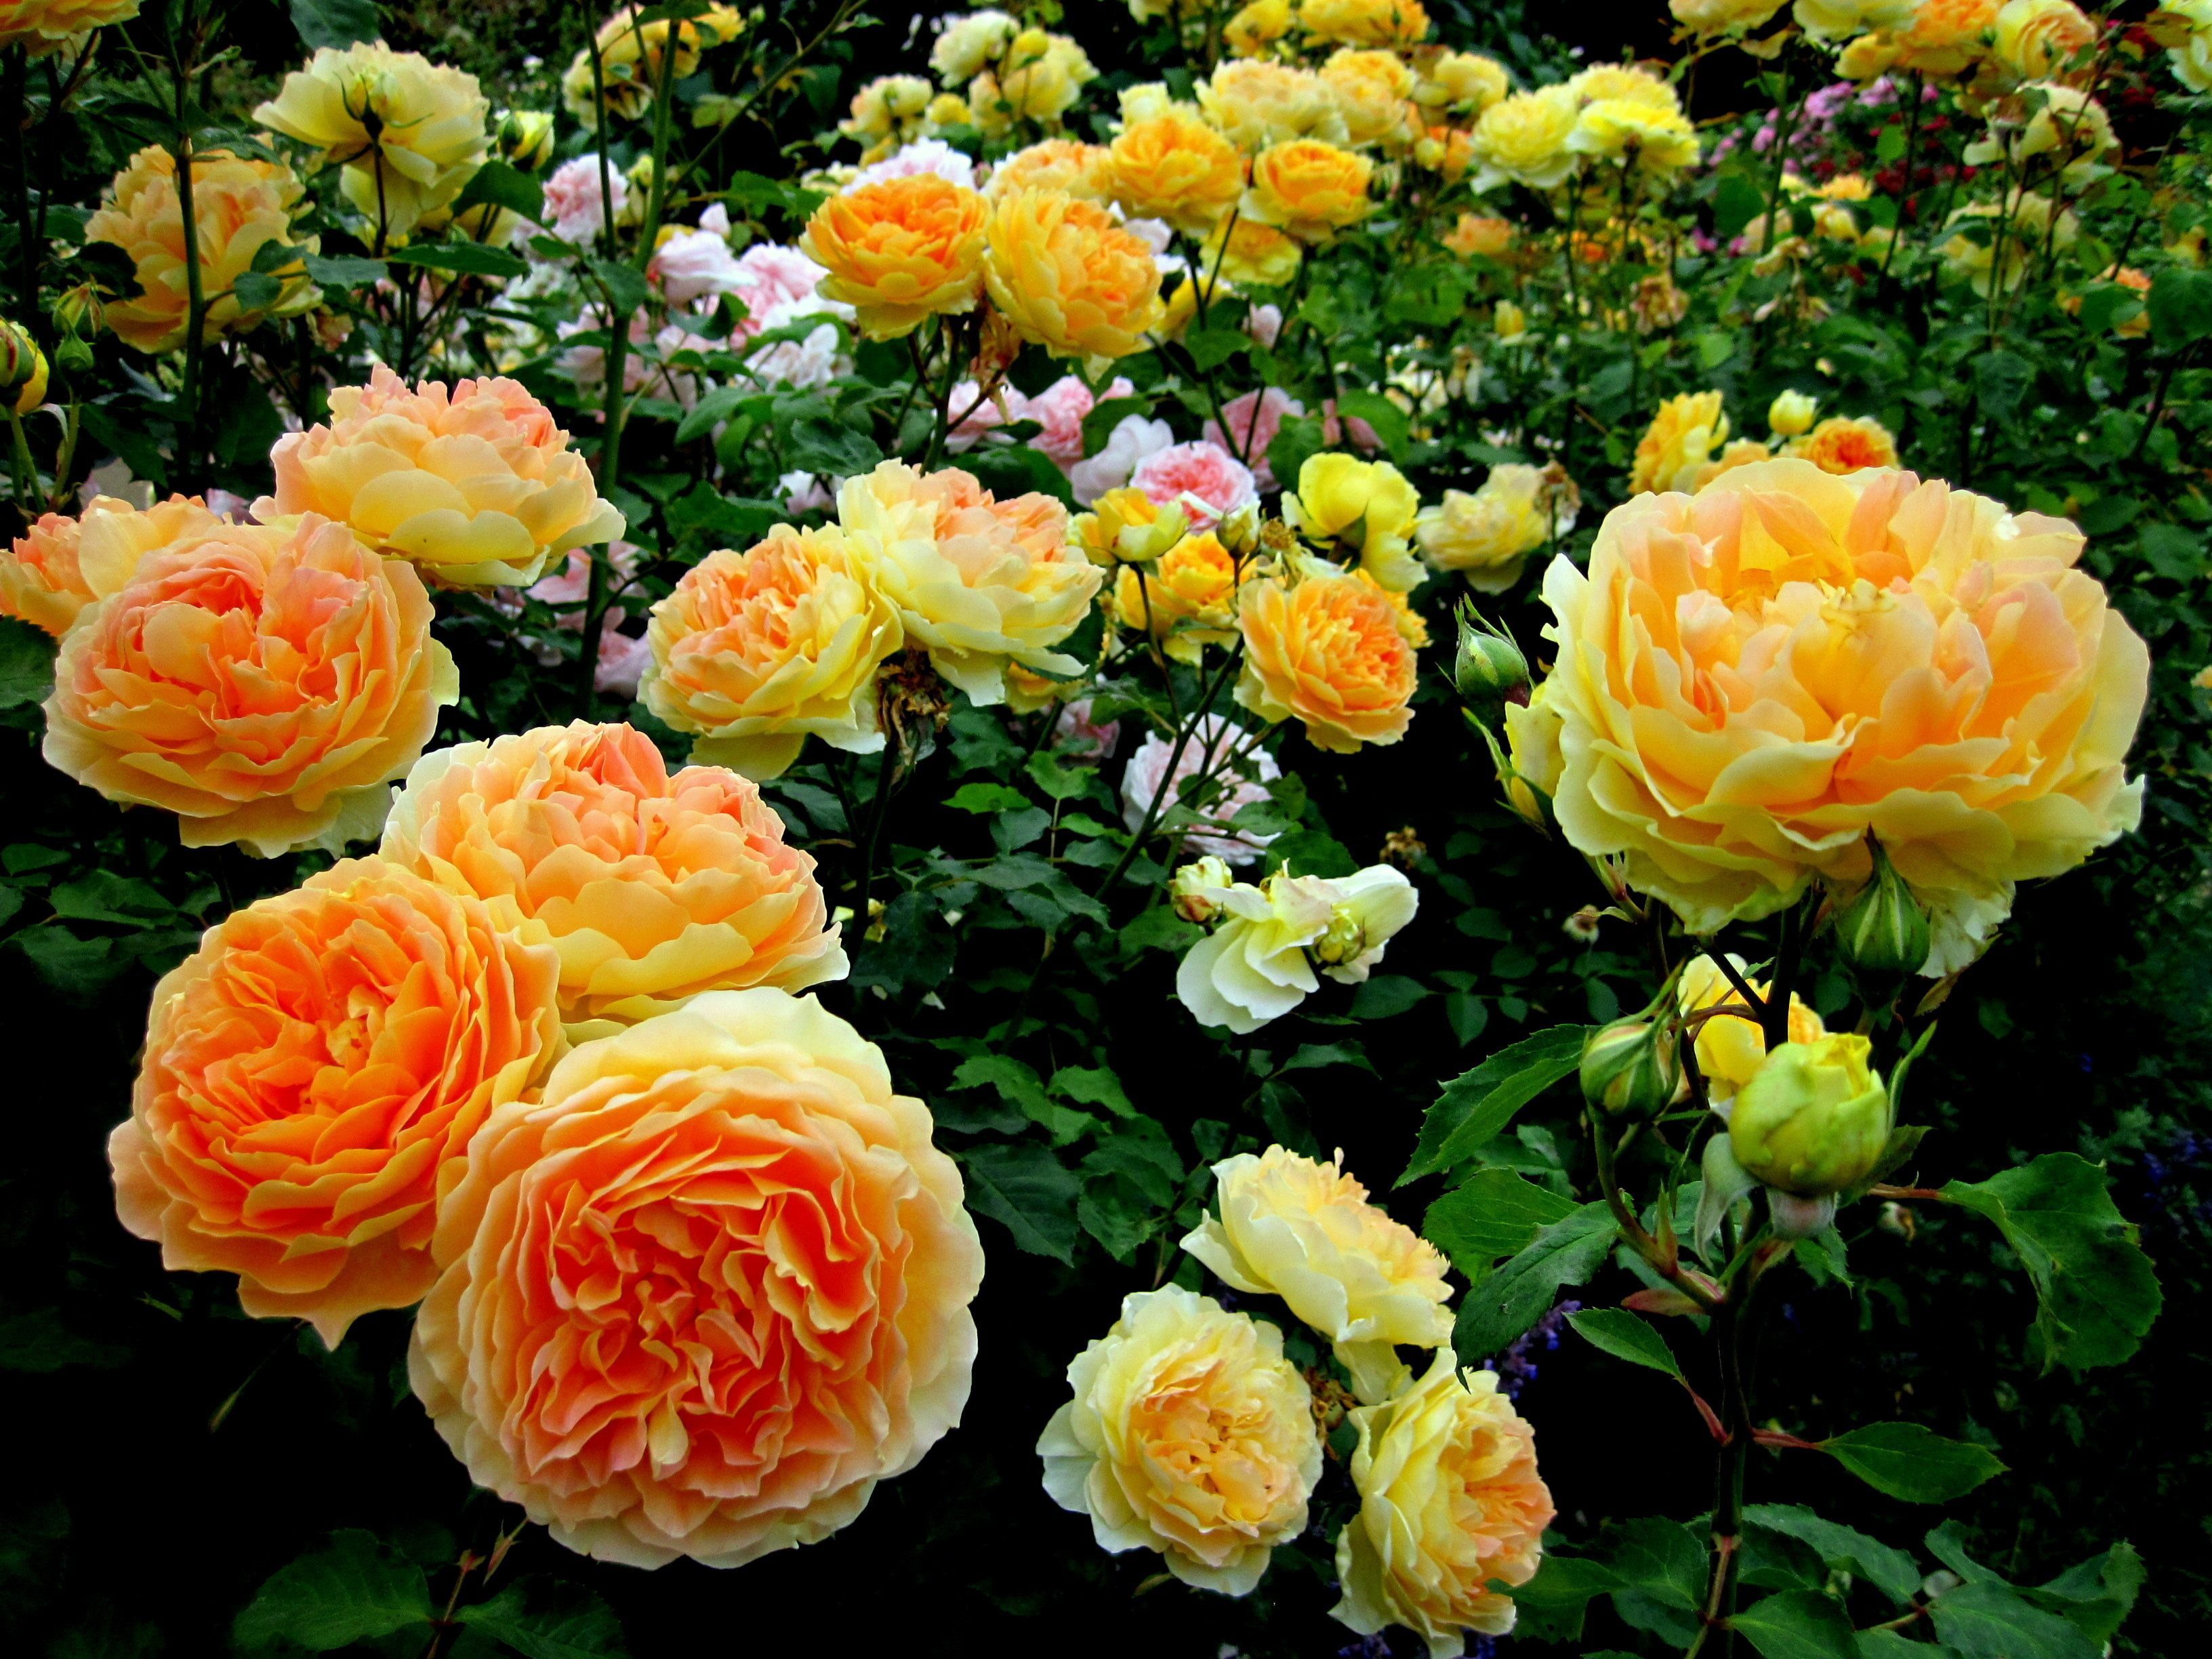 Цветы у шрабов ароматные, самой разнообразной расцветки.